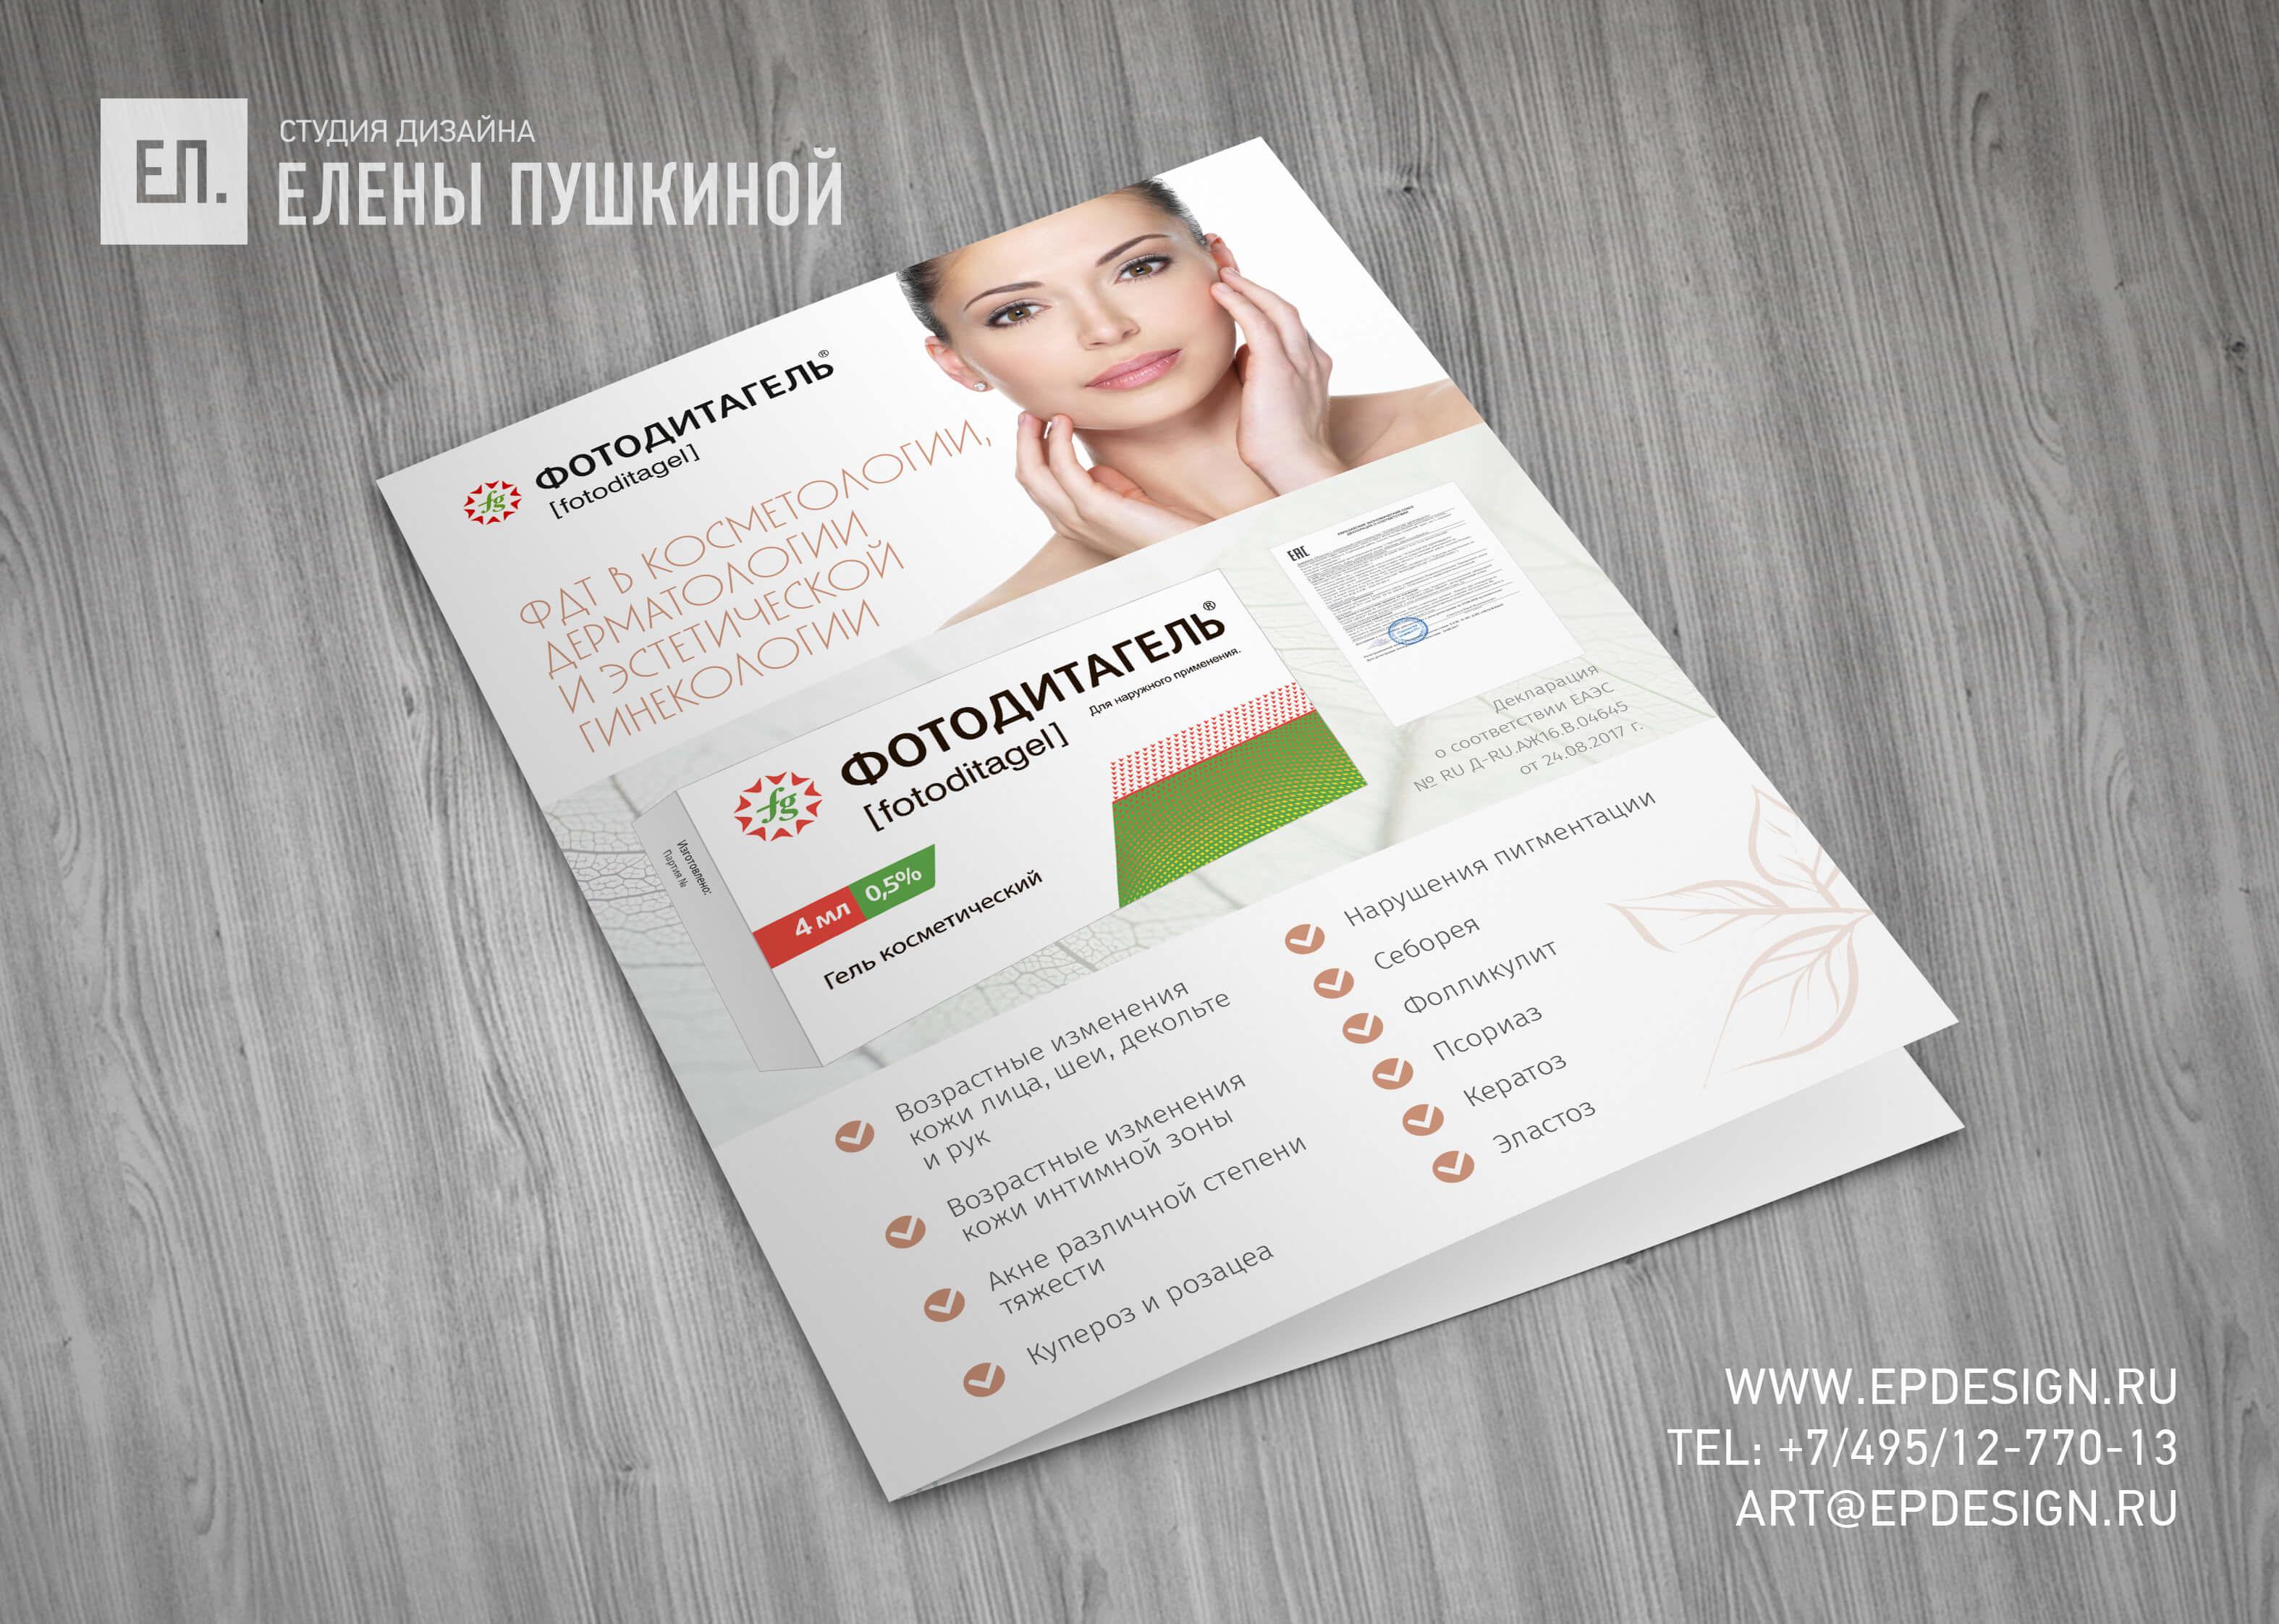 Буклет фотодинамическая терапия вкосметологии спрепаратом «ФОТОДИТАГЕЛЬ»— разработка дизайна ивёрстка буклета Дизайн брошюр, буклетов Портфолио